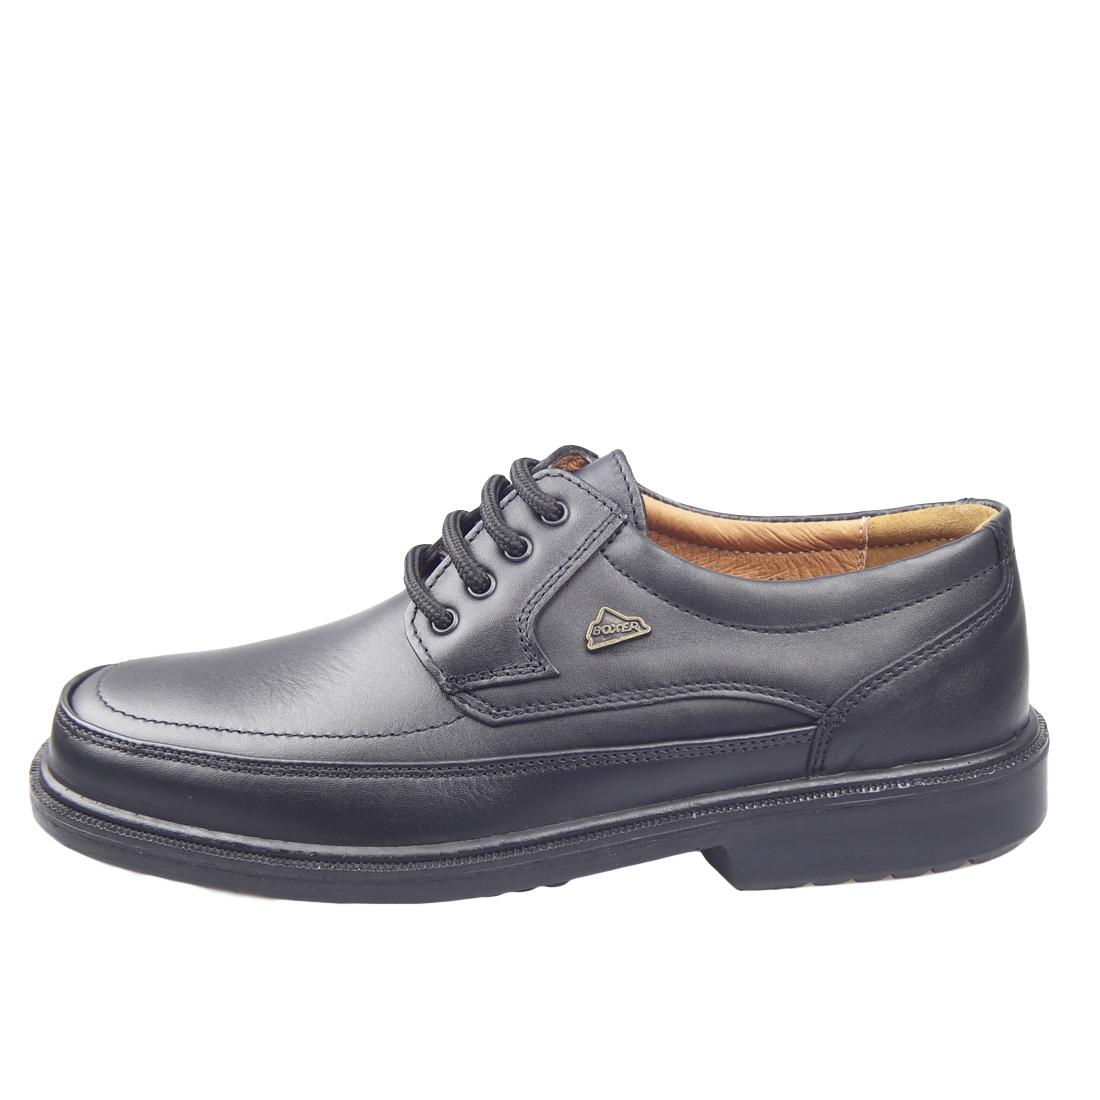 Ανδρικά παπούτσια Casual Boxer 10068 14-111 Black